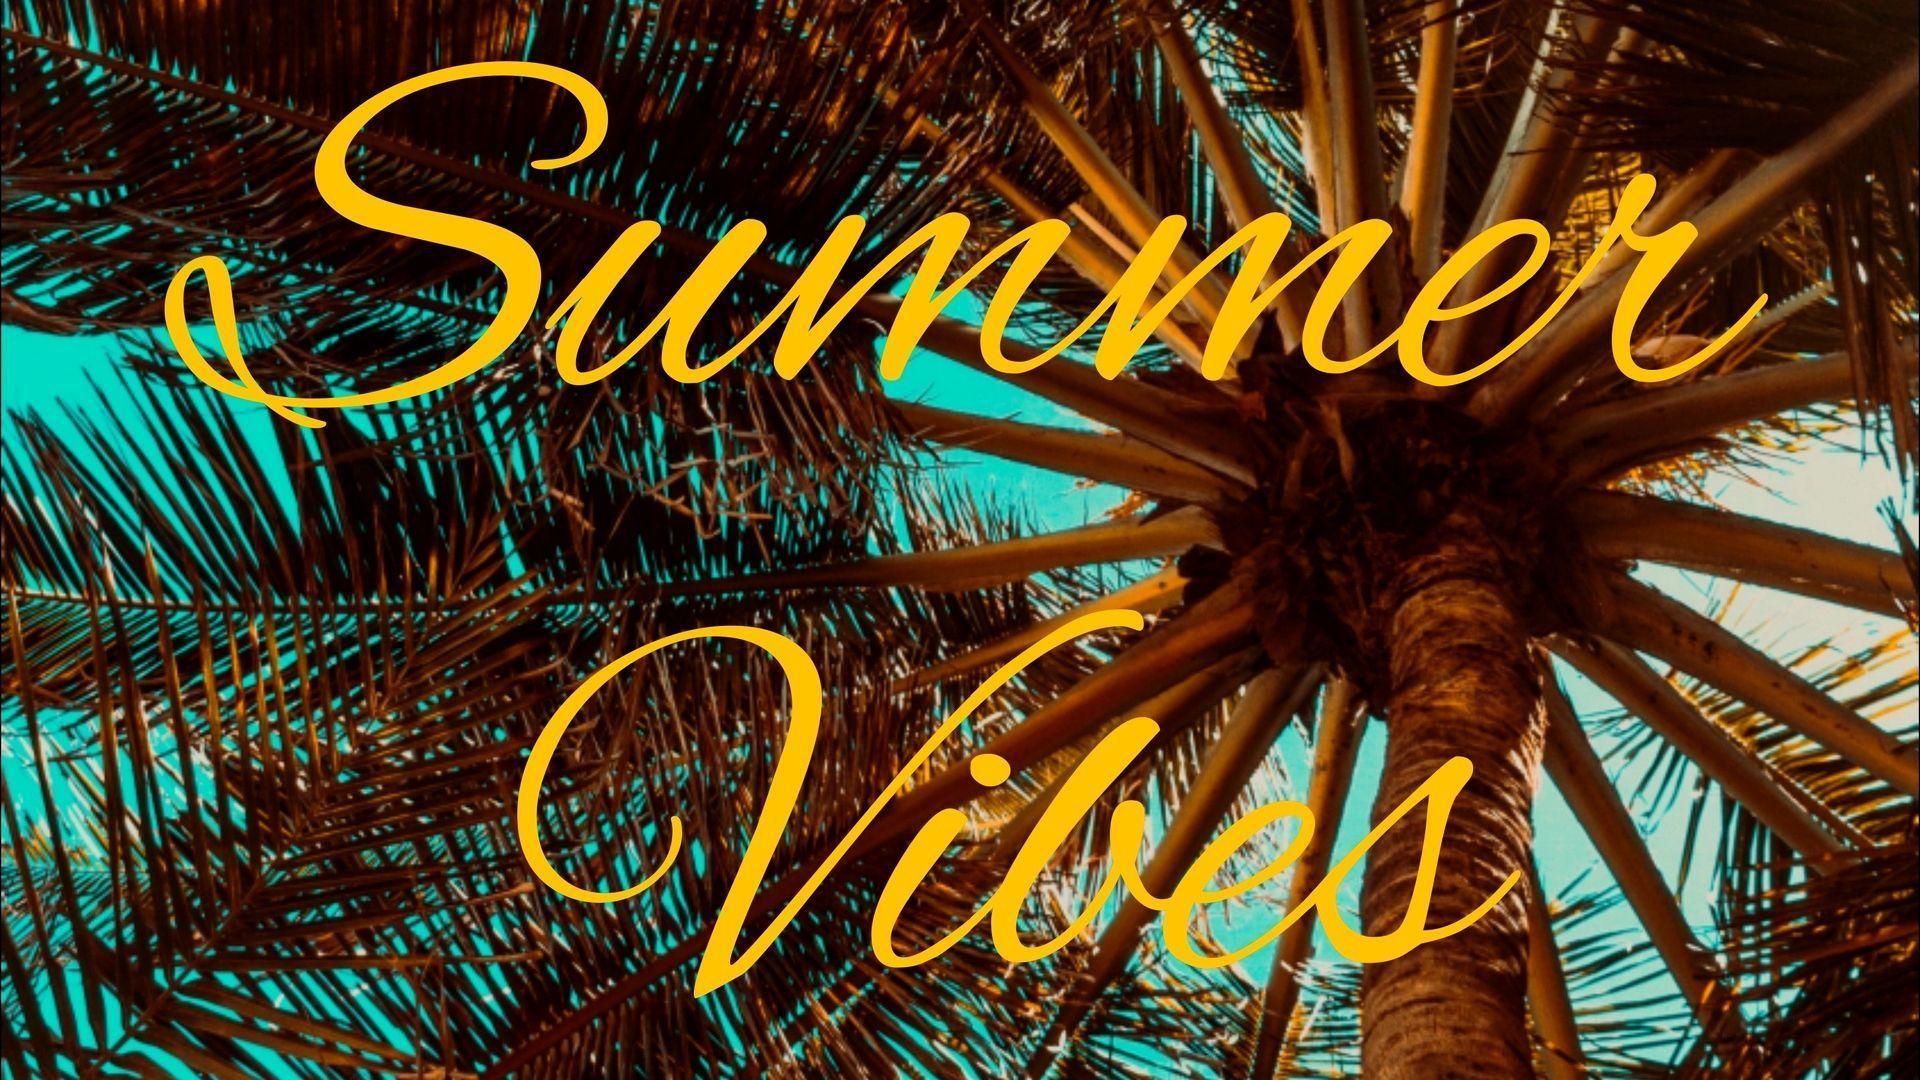 Summer Wallpaper 1920x1080 Ideas 4k 4k In 2020 Summer Wallpaper